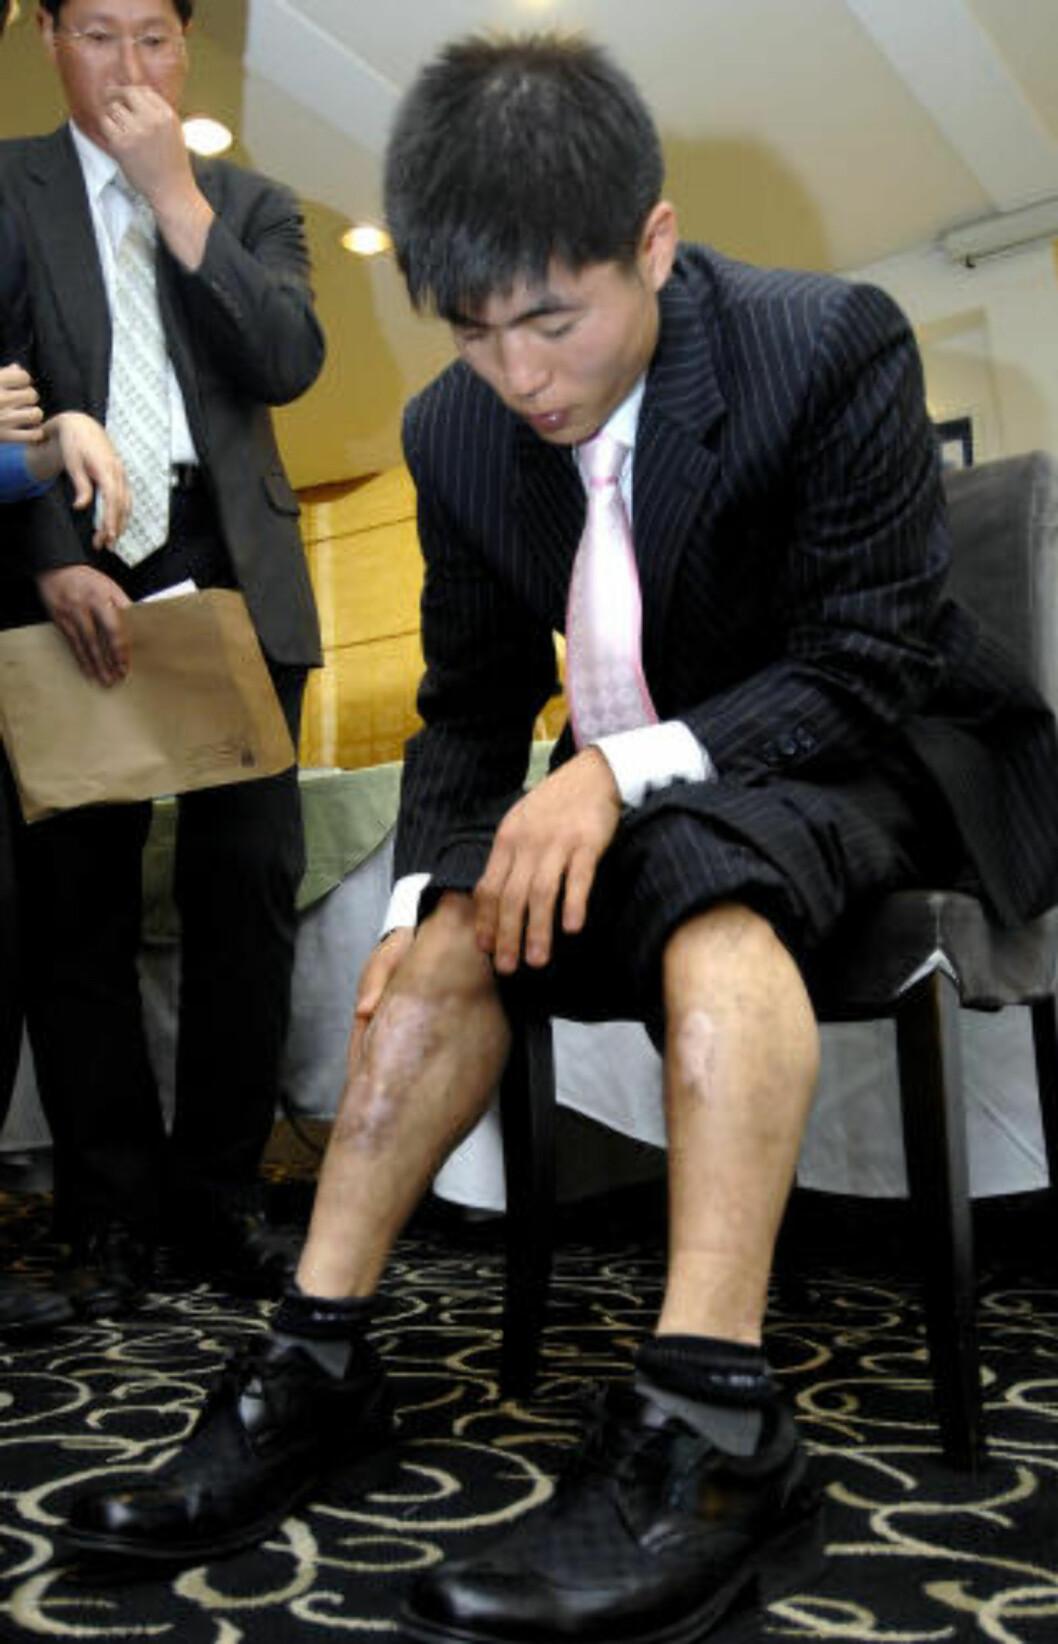 <strong>ARR:</strong> Shin Dong-Hyuk hevder å ha tilbragt 22 år i nordkoreansk fangeleir. Disse skadene skal han ha fått under en flukt fra fangeleiren.  Foto: AFP PHOTO/JUNG YEON-JE